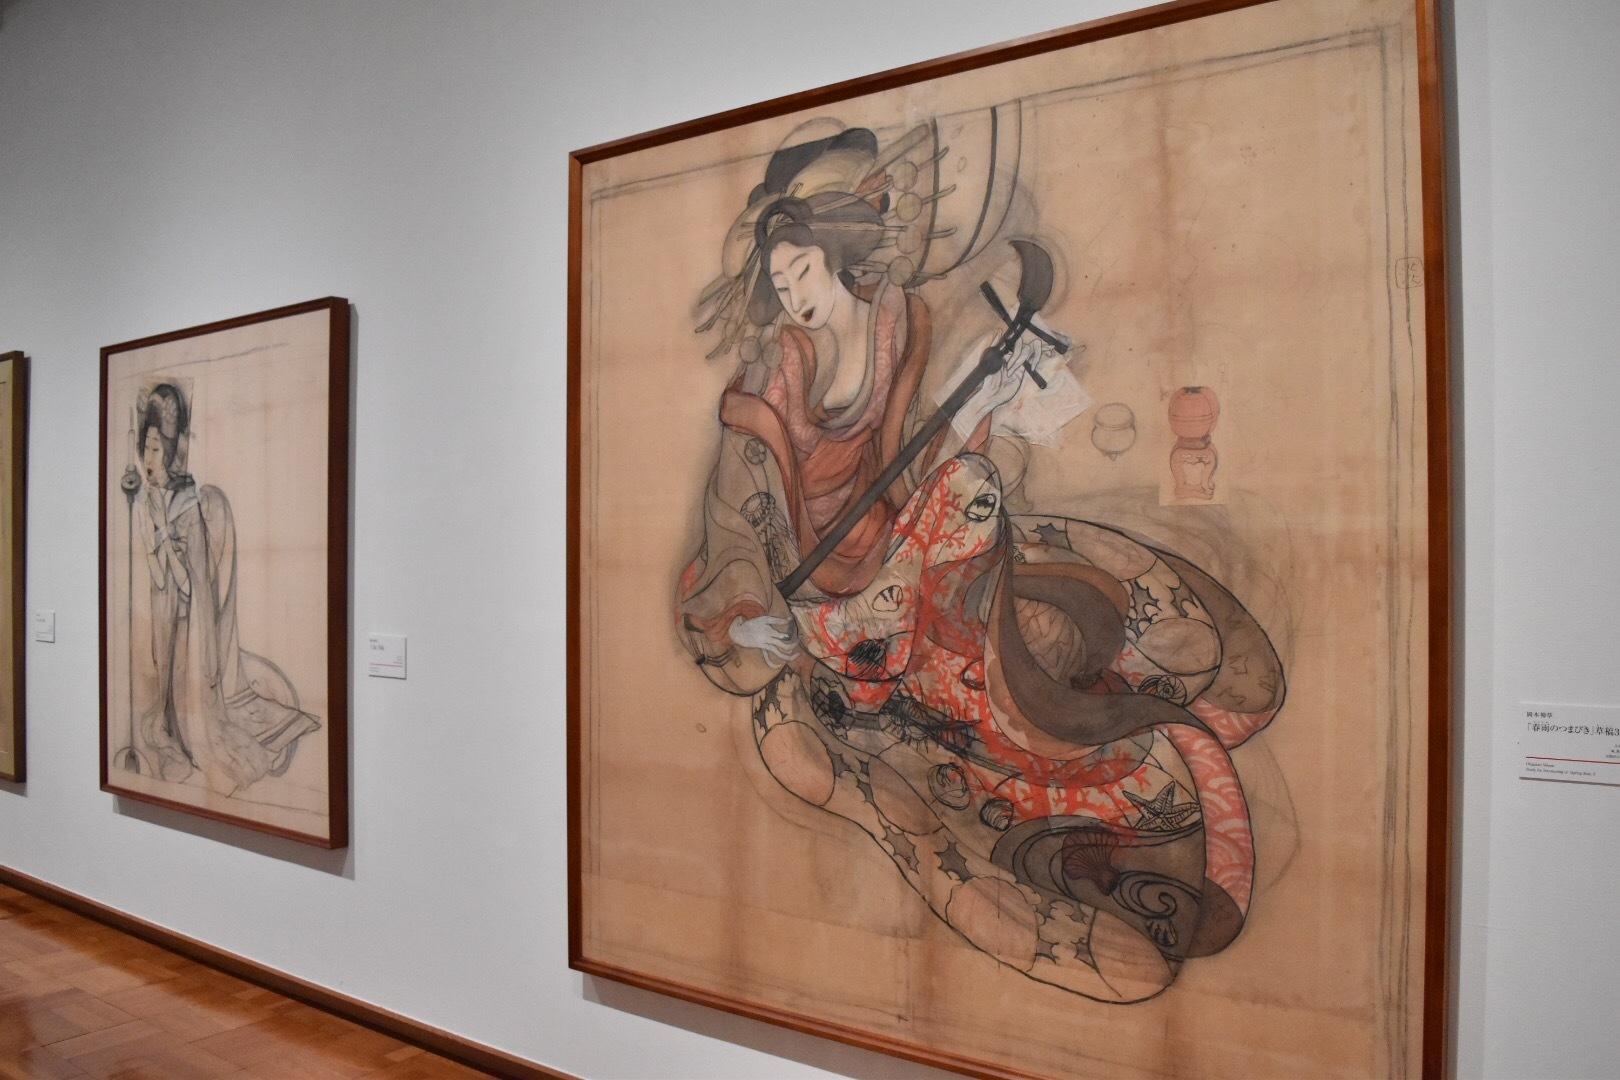 左:岡本神草 「口紅」草稿 大正7(1918)年 京都国立近代美術館 右:岡本神草 「春雨のつまびき」草稿3 大正6(1917)年 京都国立近代美術館